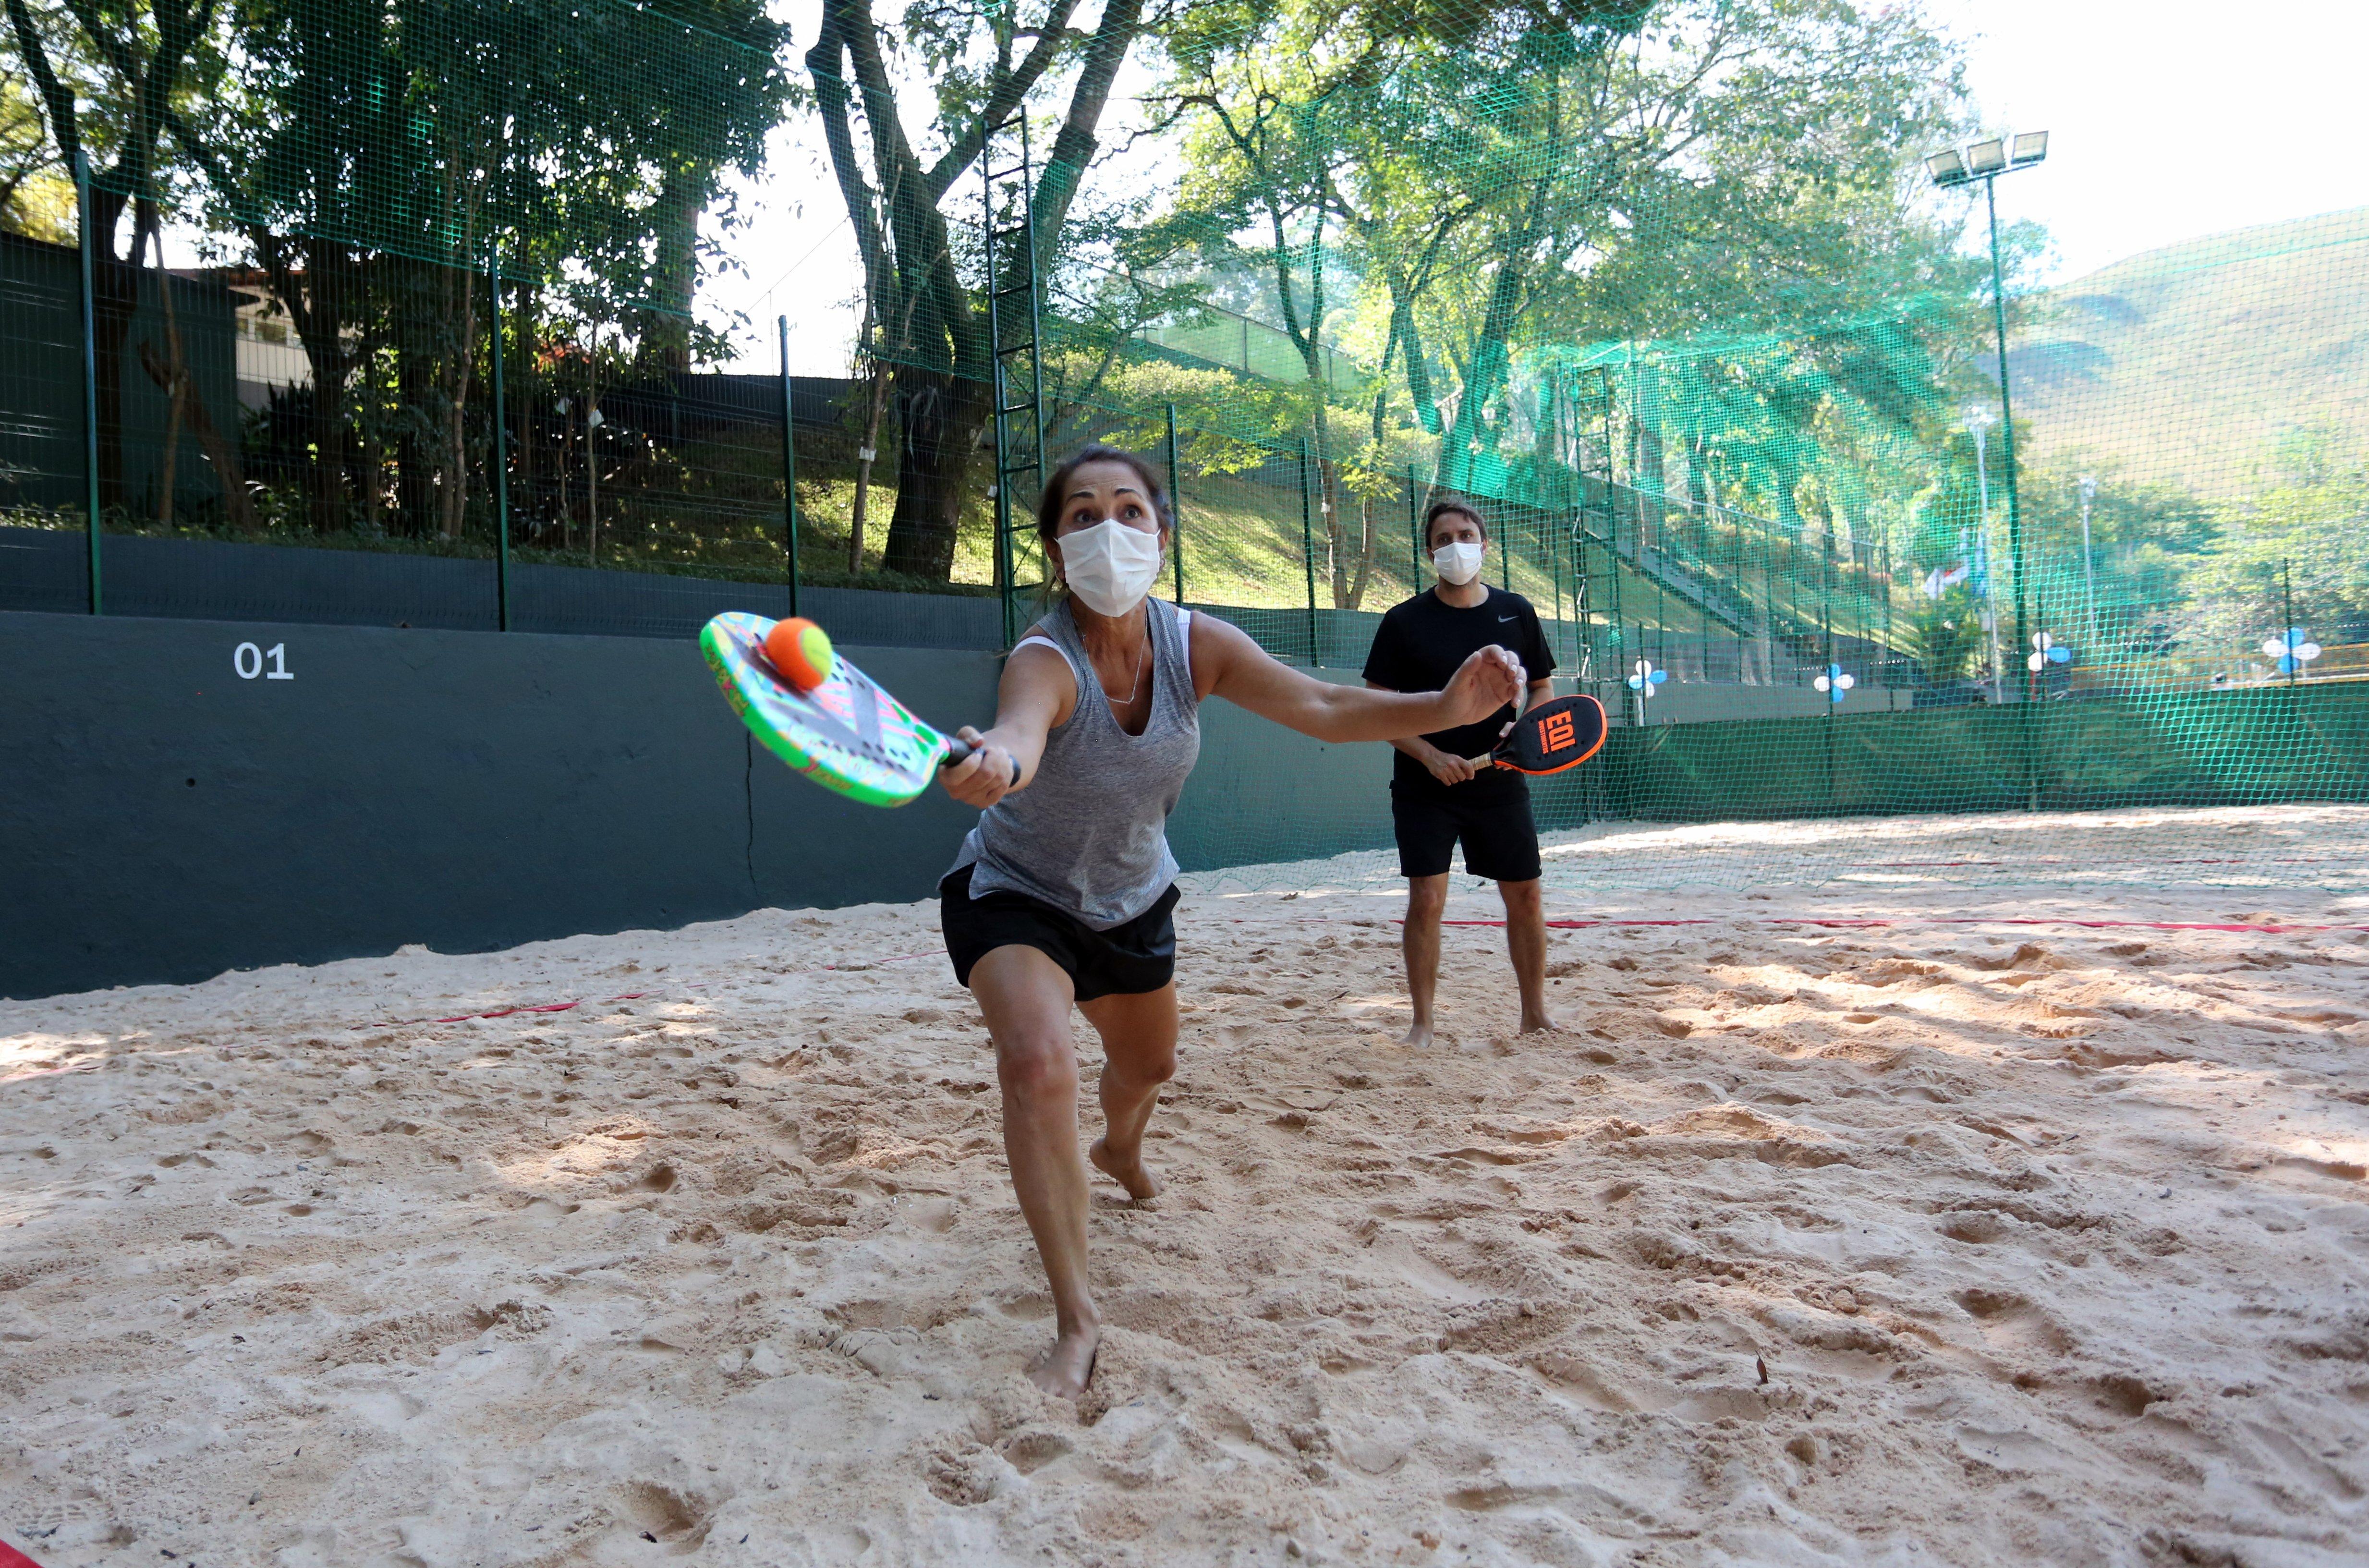 Rosana Lamounier e o filho Lucas Lamounier se divertem no novo espaço de lazer esportivo